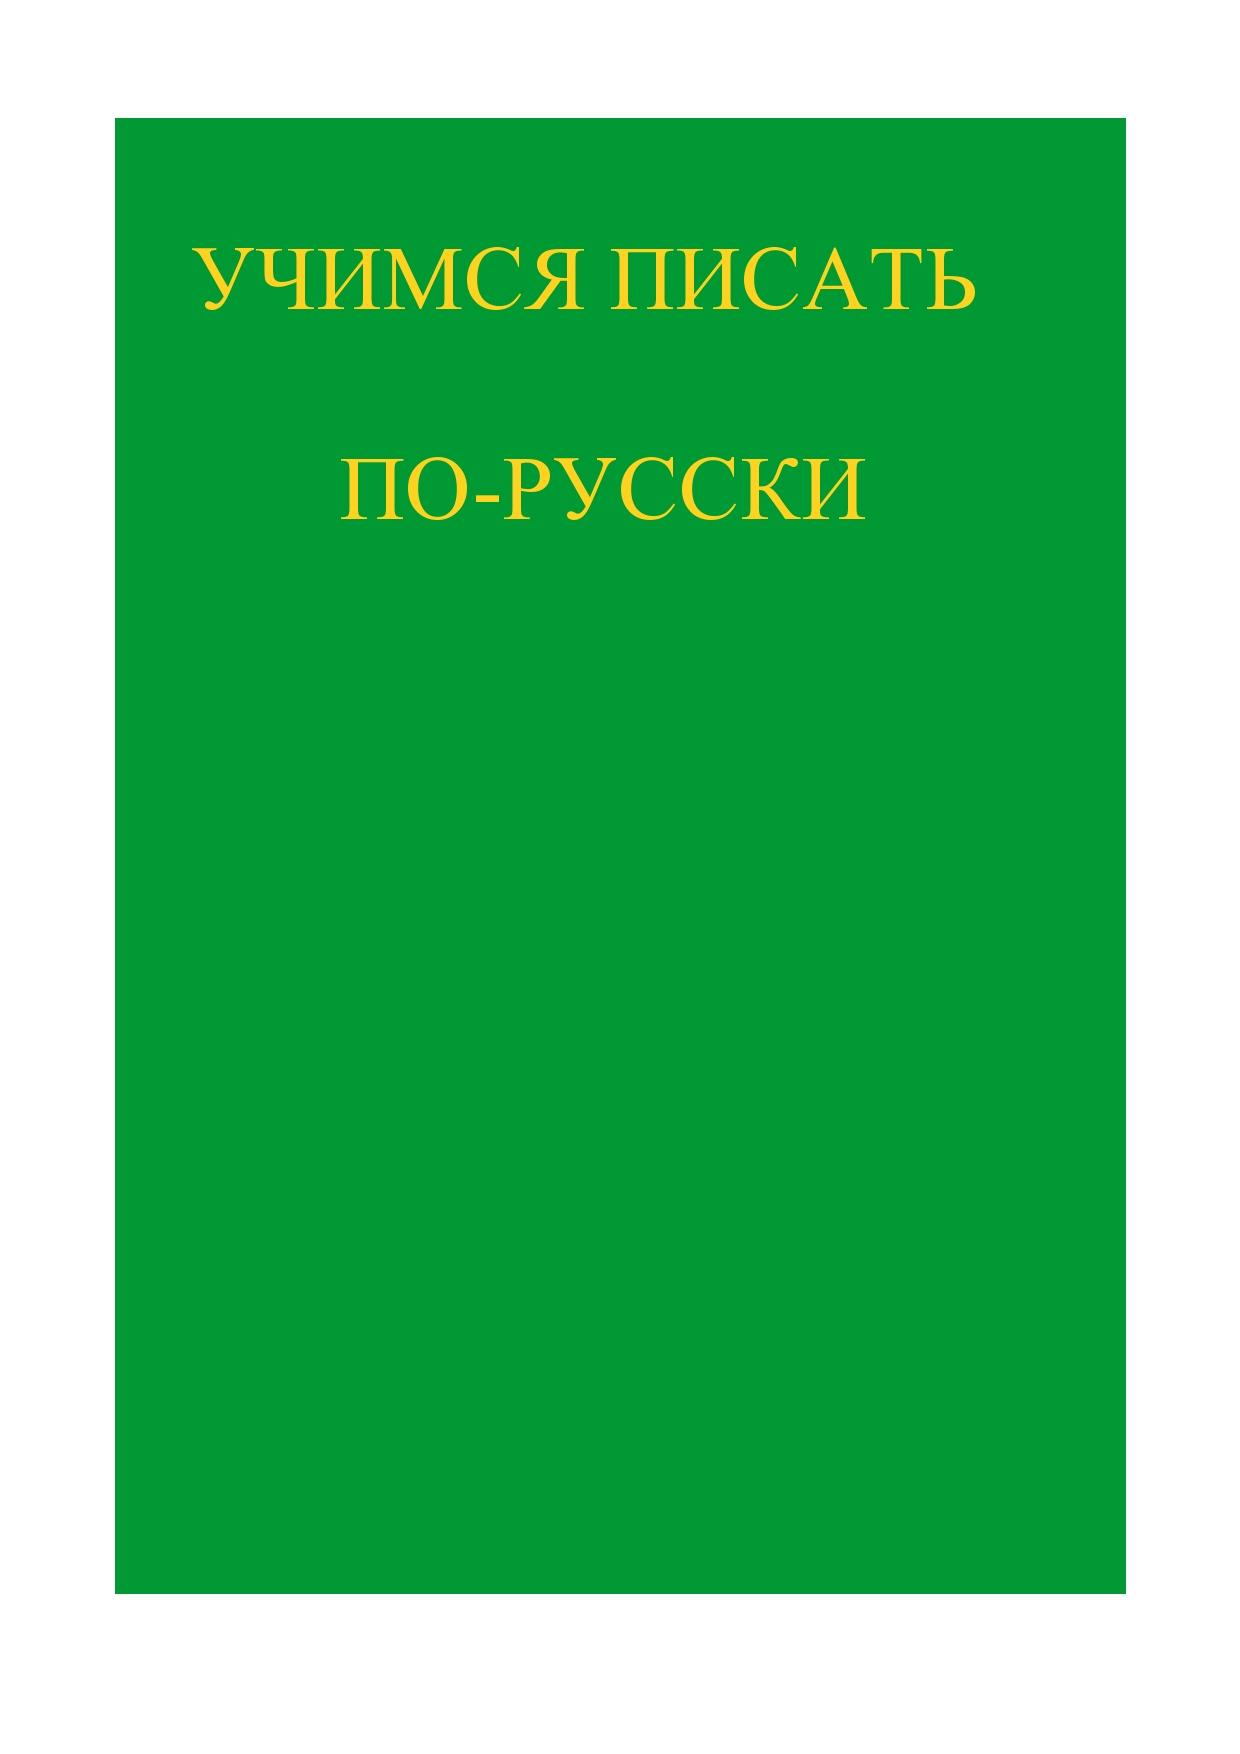 Учимся писать по-русски